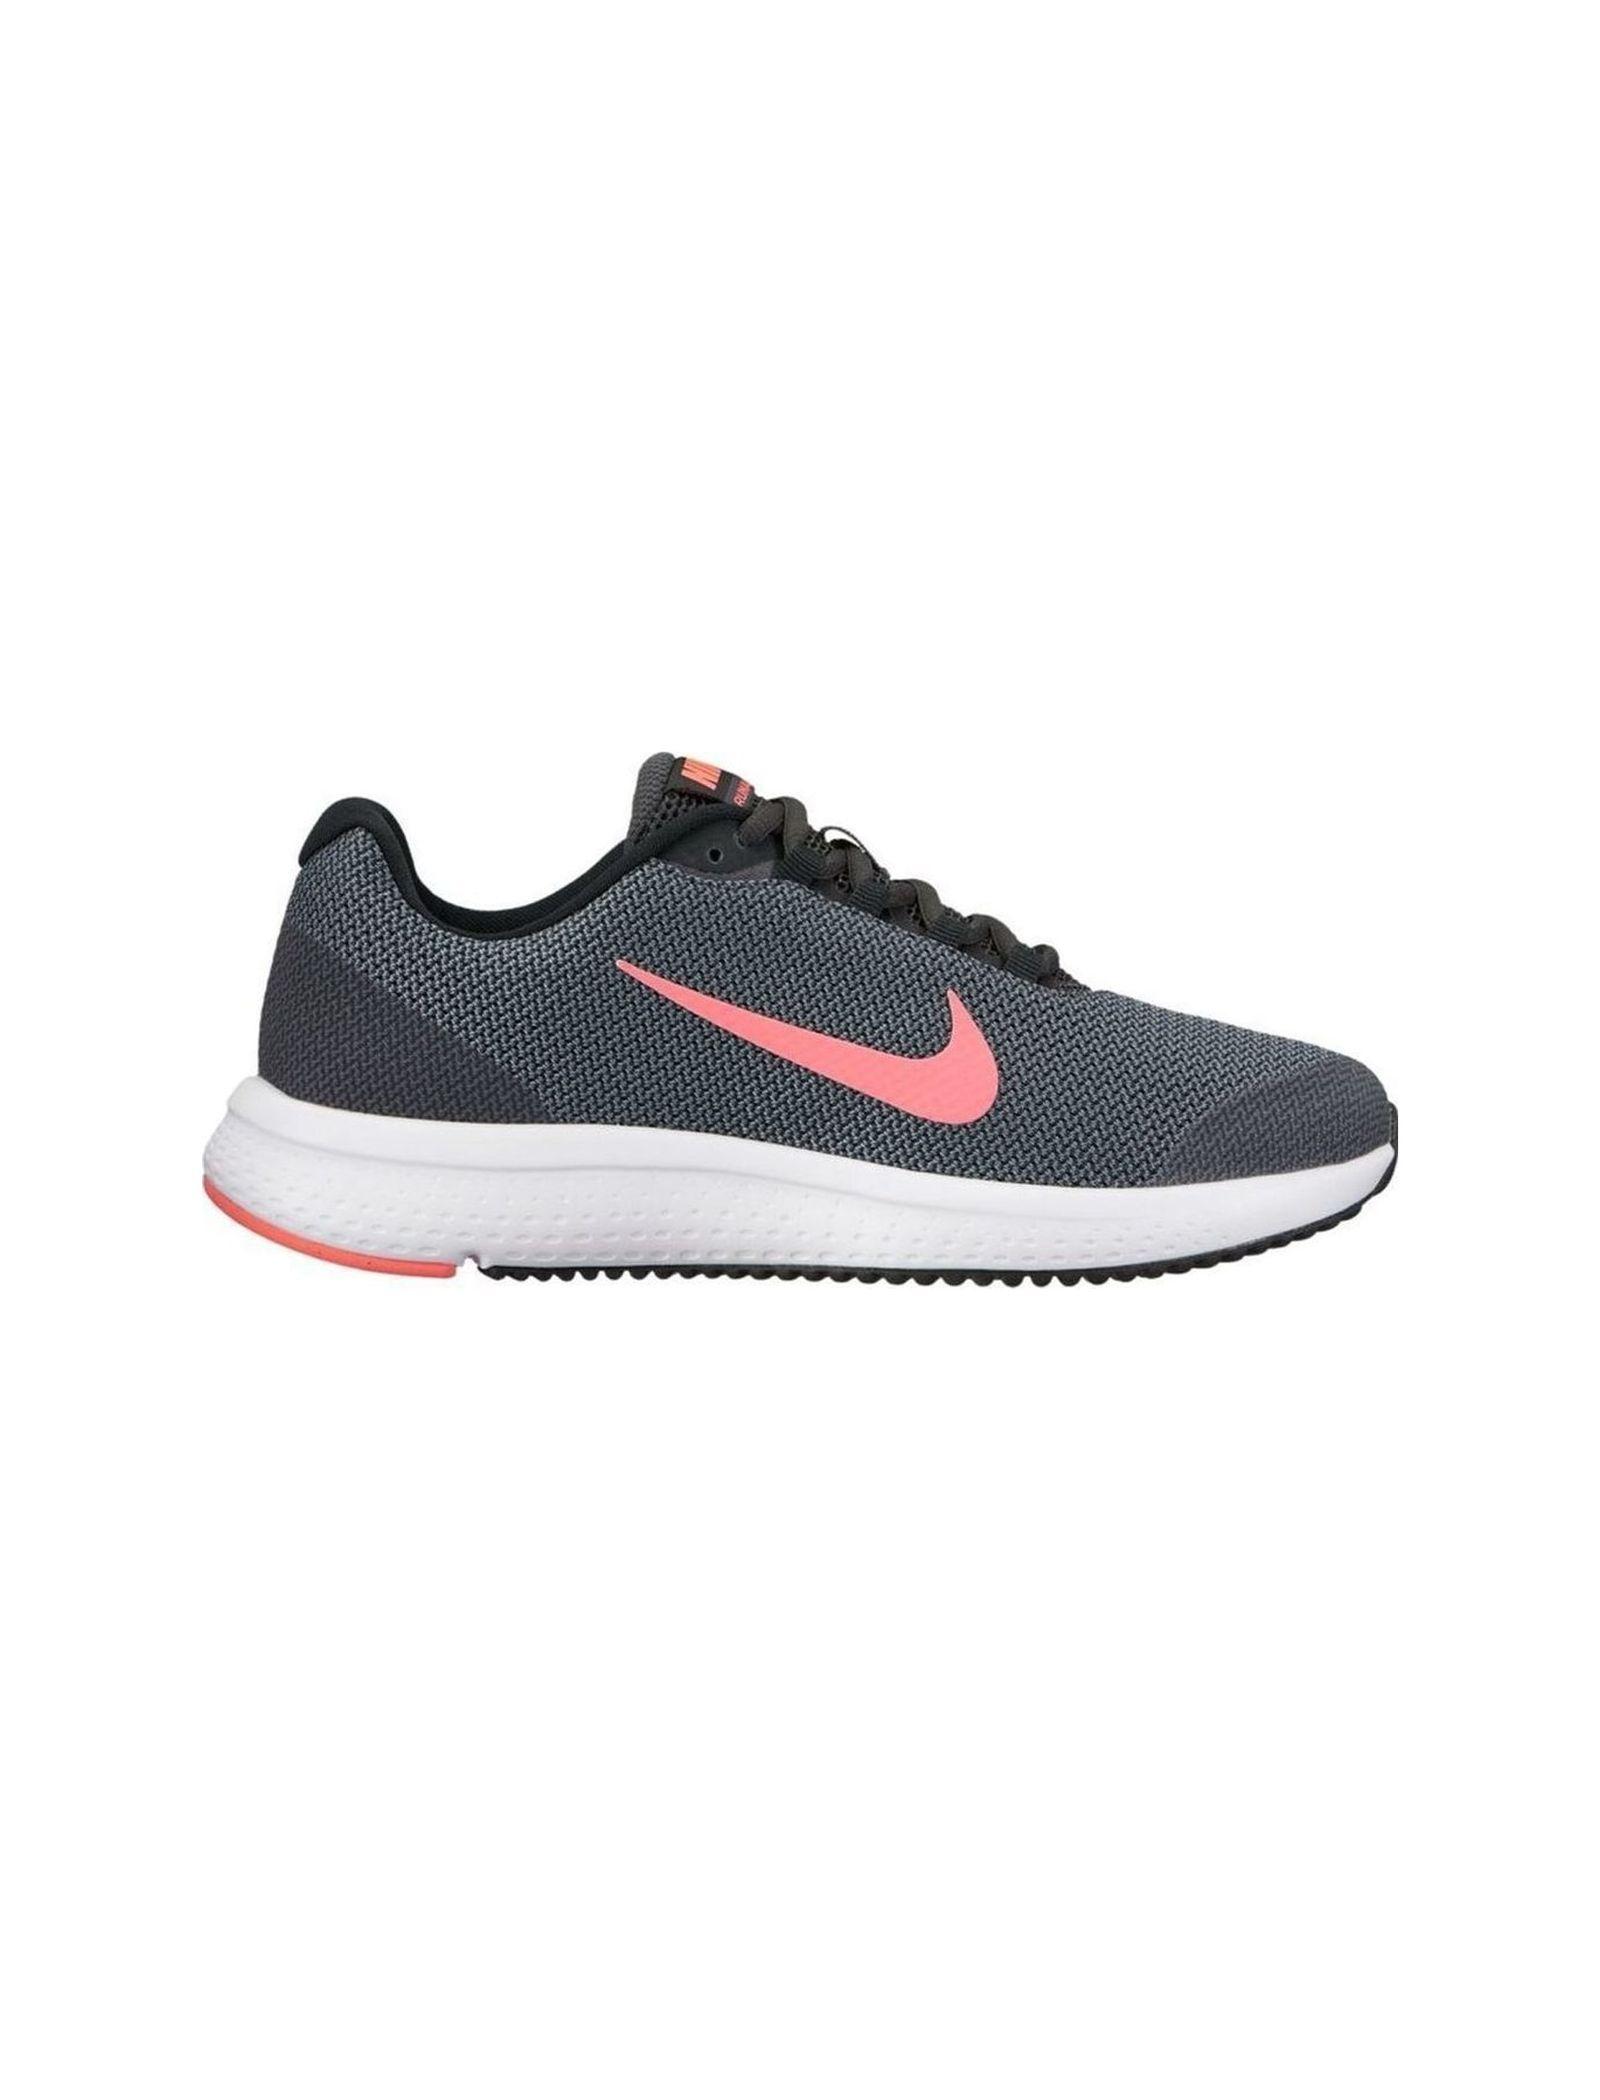 کفش ورزشی تمرین زنانه Runallday - نایکی - طوسي - 1